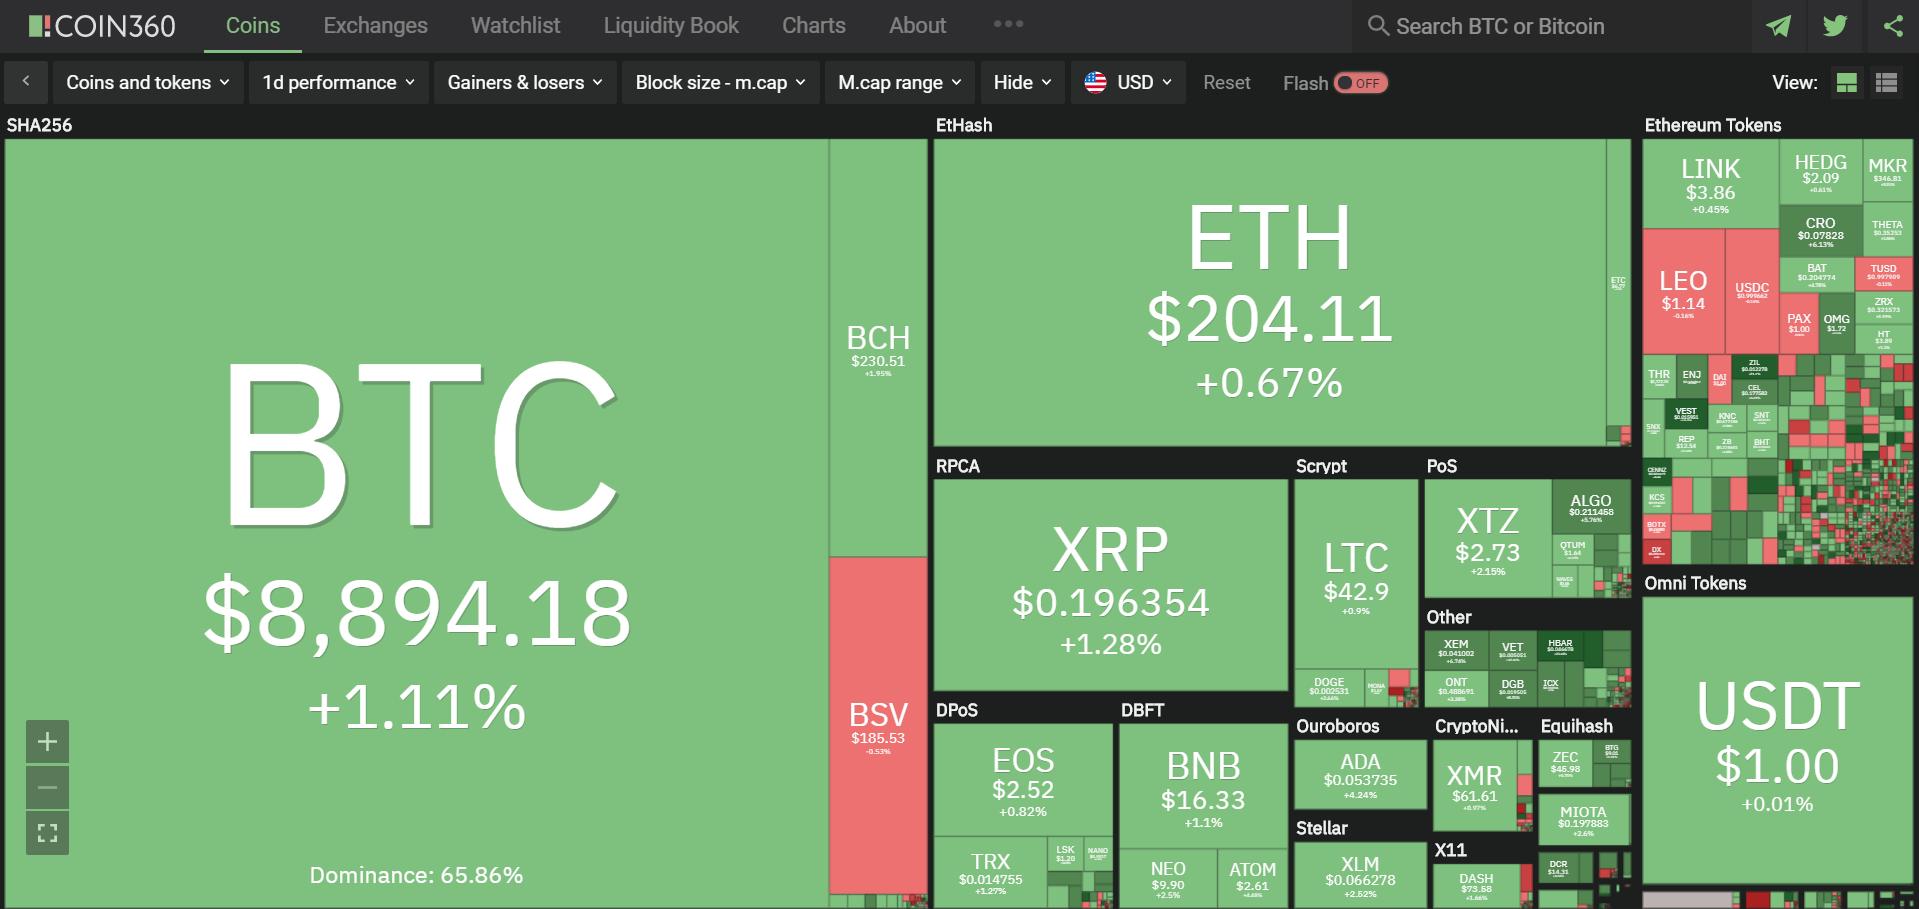 Toàn cảnh thị trường ngày 26/5 (nguồn: Coin360.com)